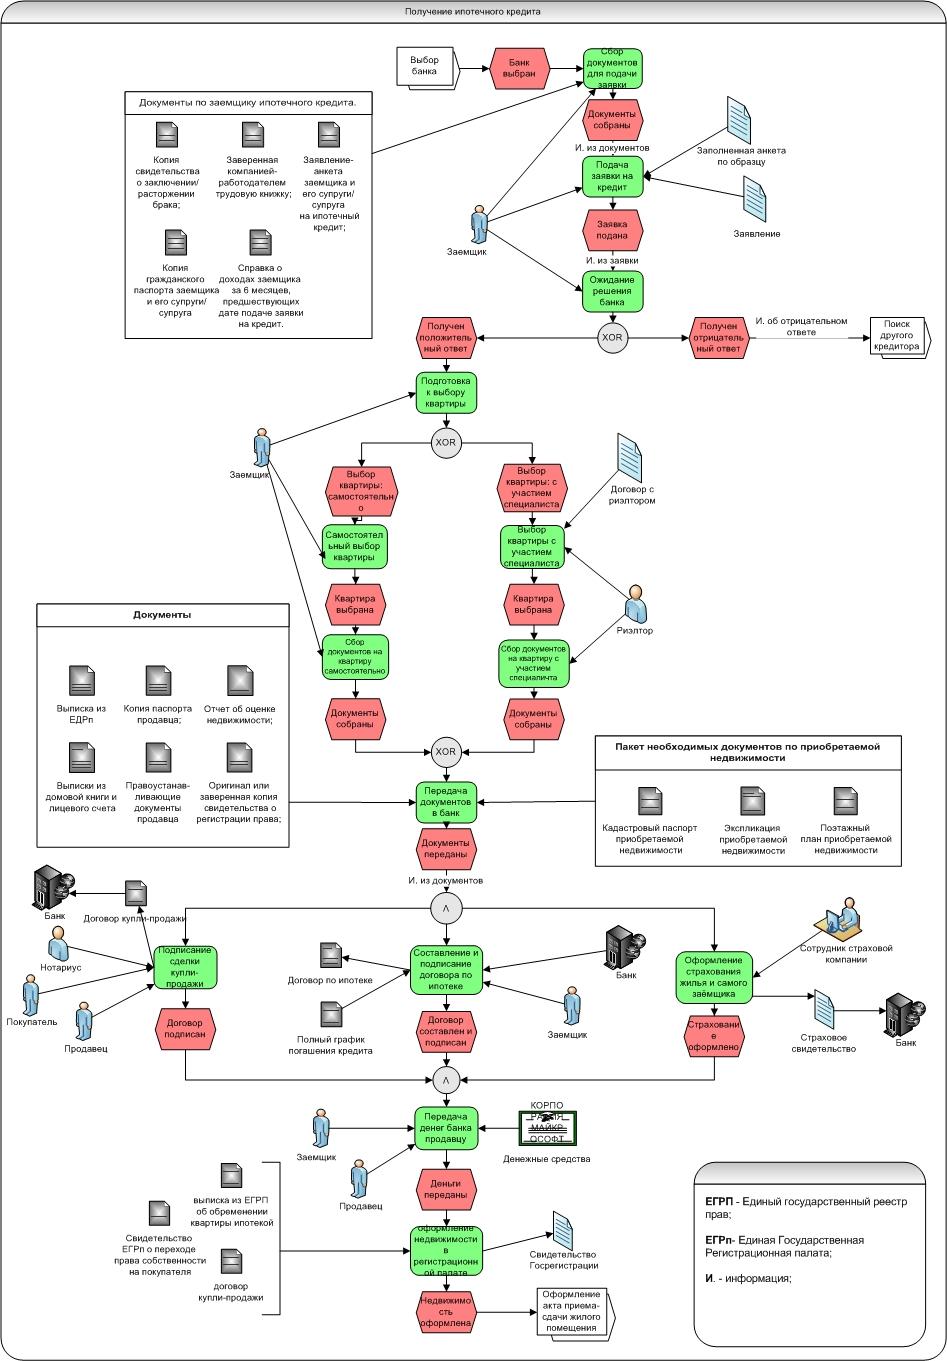 Рис. 2-Декомпозиция контекстной диаграммы